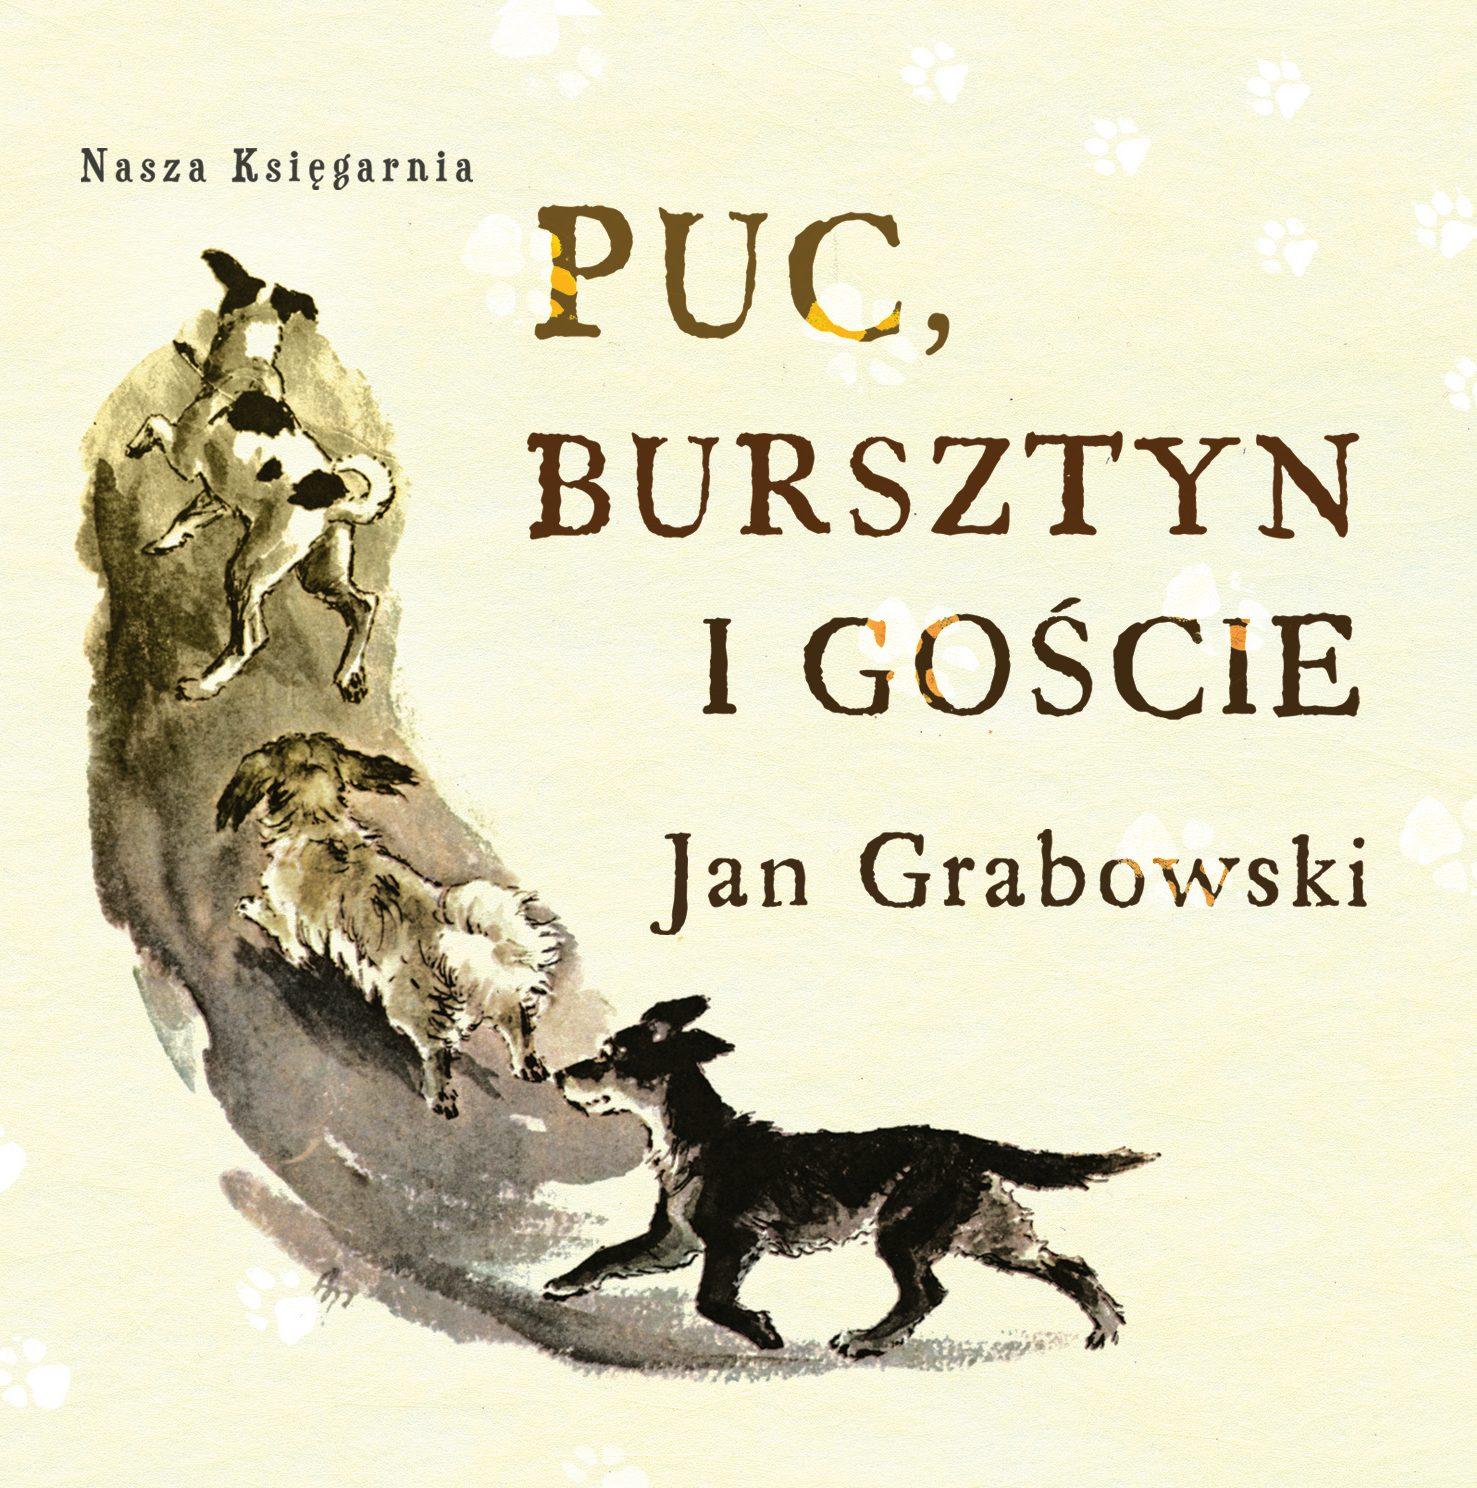 Puc, Bursztyn i goście - audiobook – Jan Grabowski, Nasza Księgarnia, audibook, książki audio, dla dzieci i młodzieży, mp3, epartnerzy.com